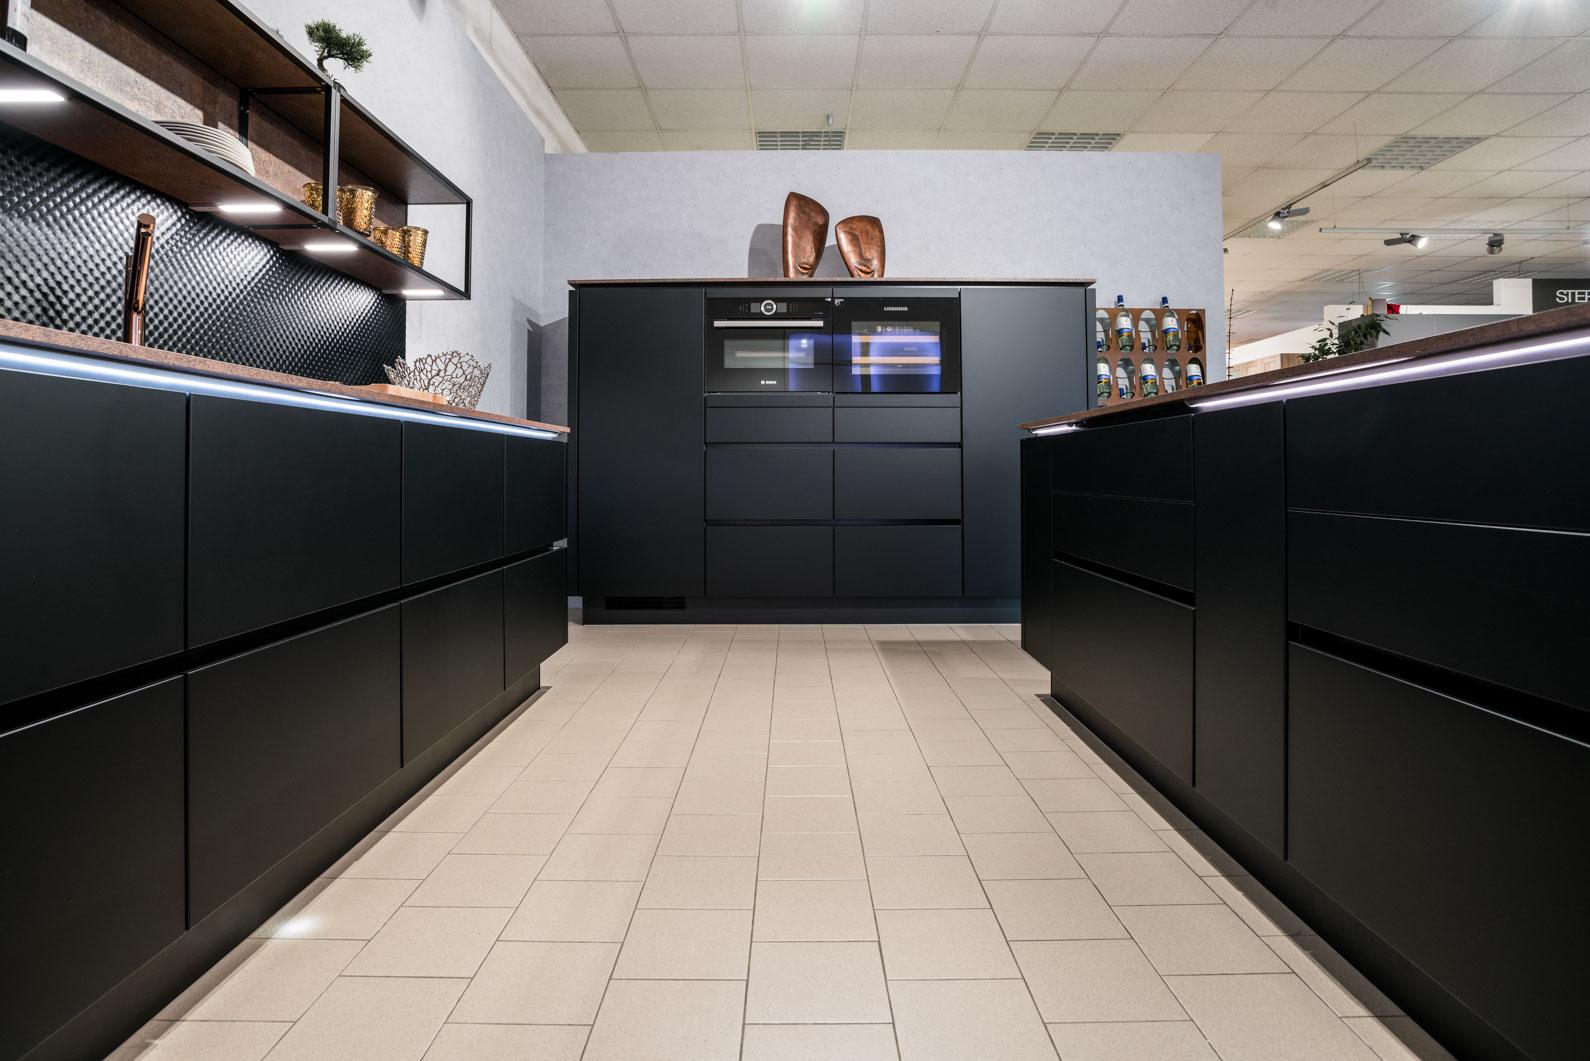 Weisser Küchenstudio Showroom große Küche mit schwarzen Fronten